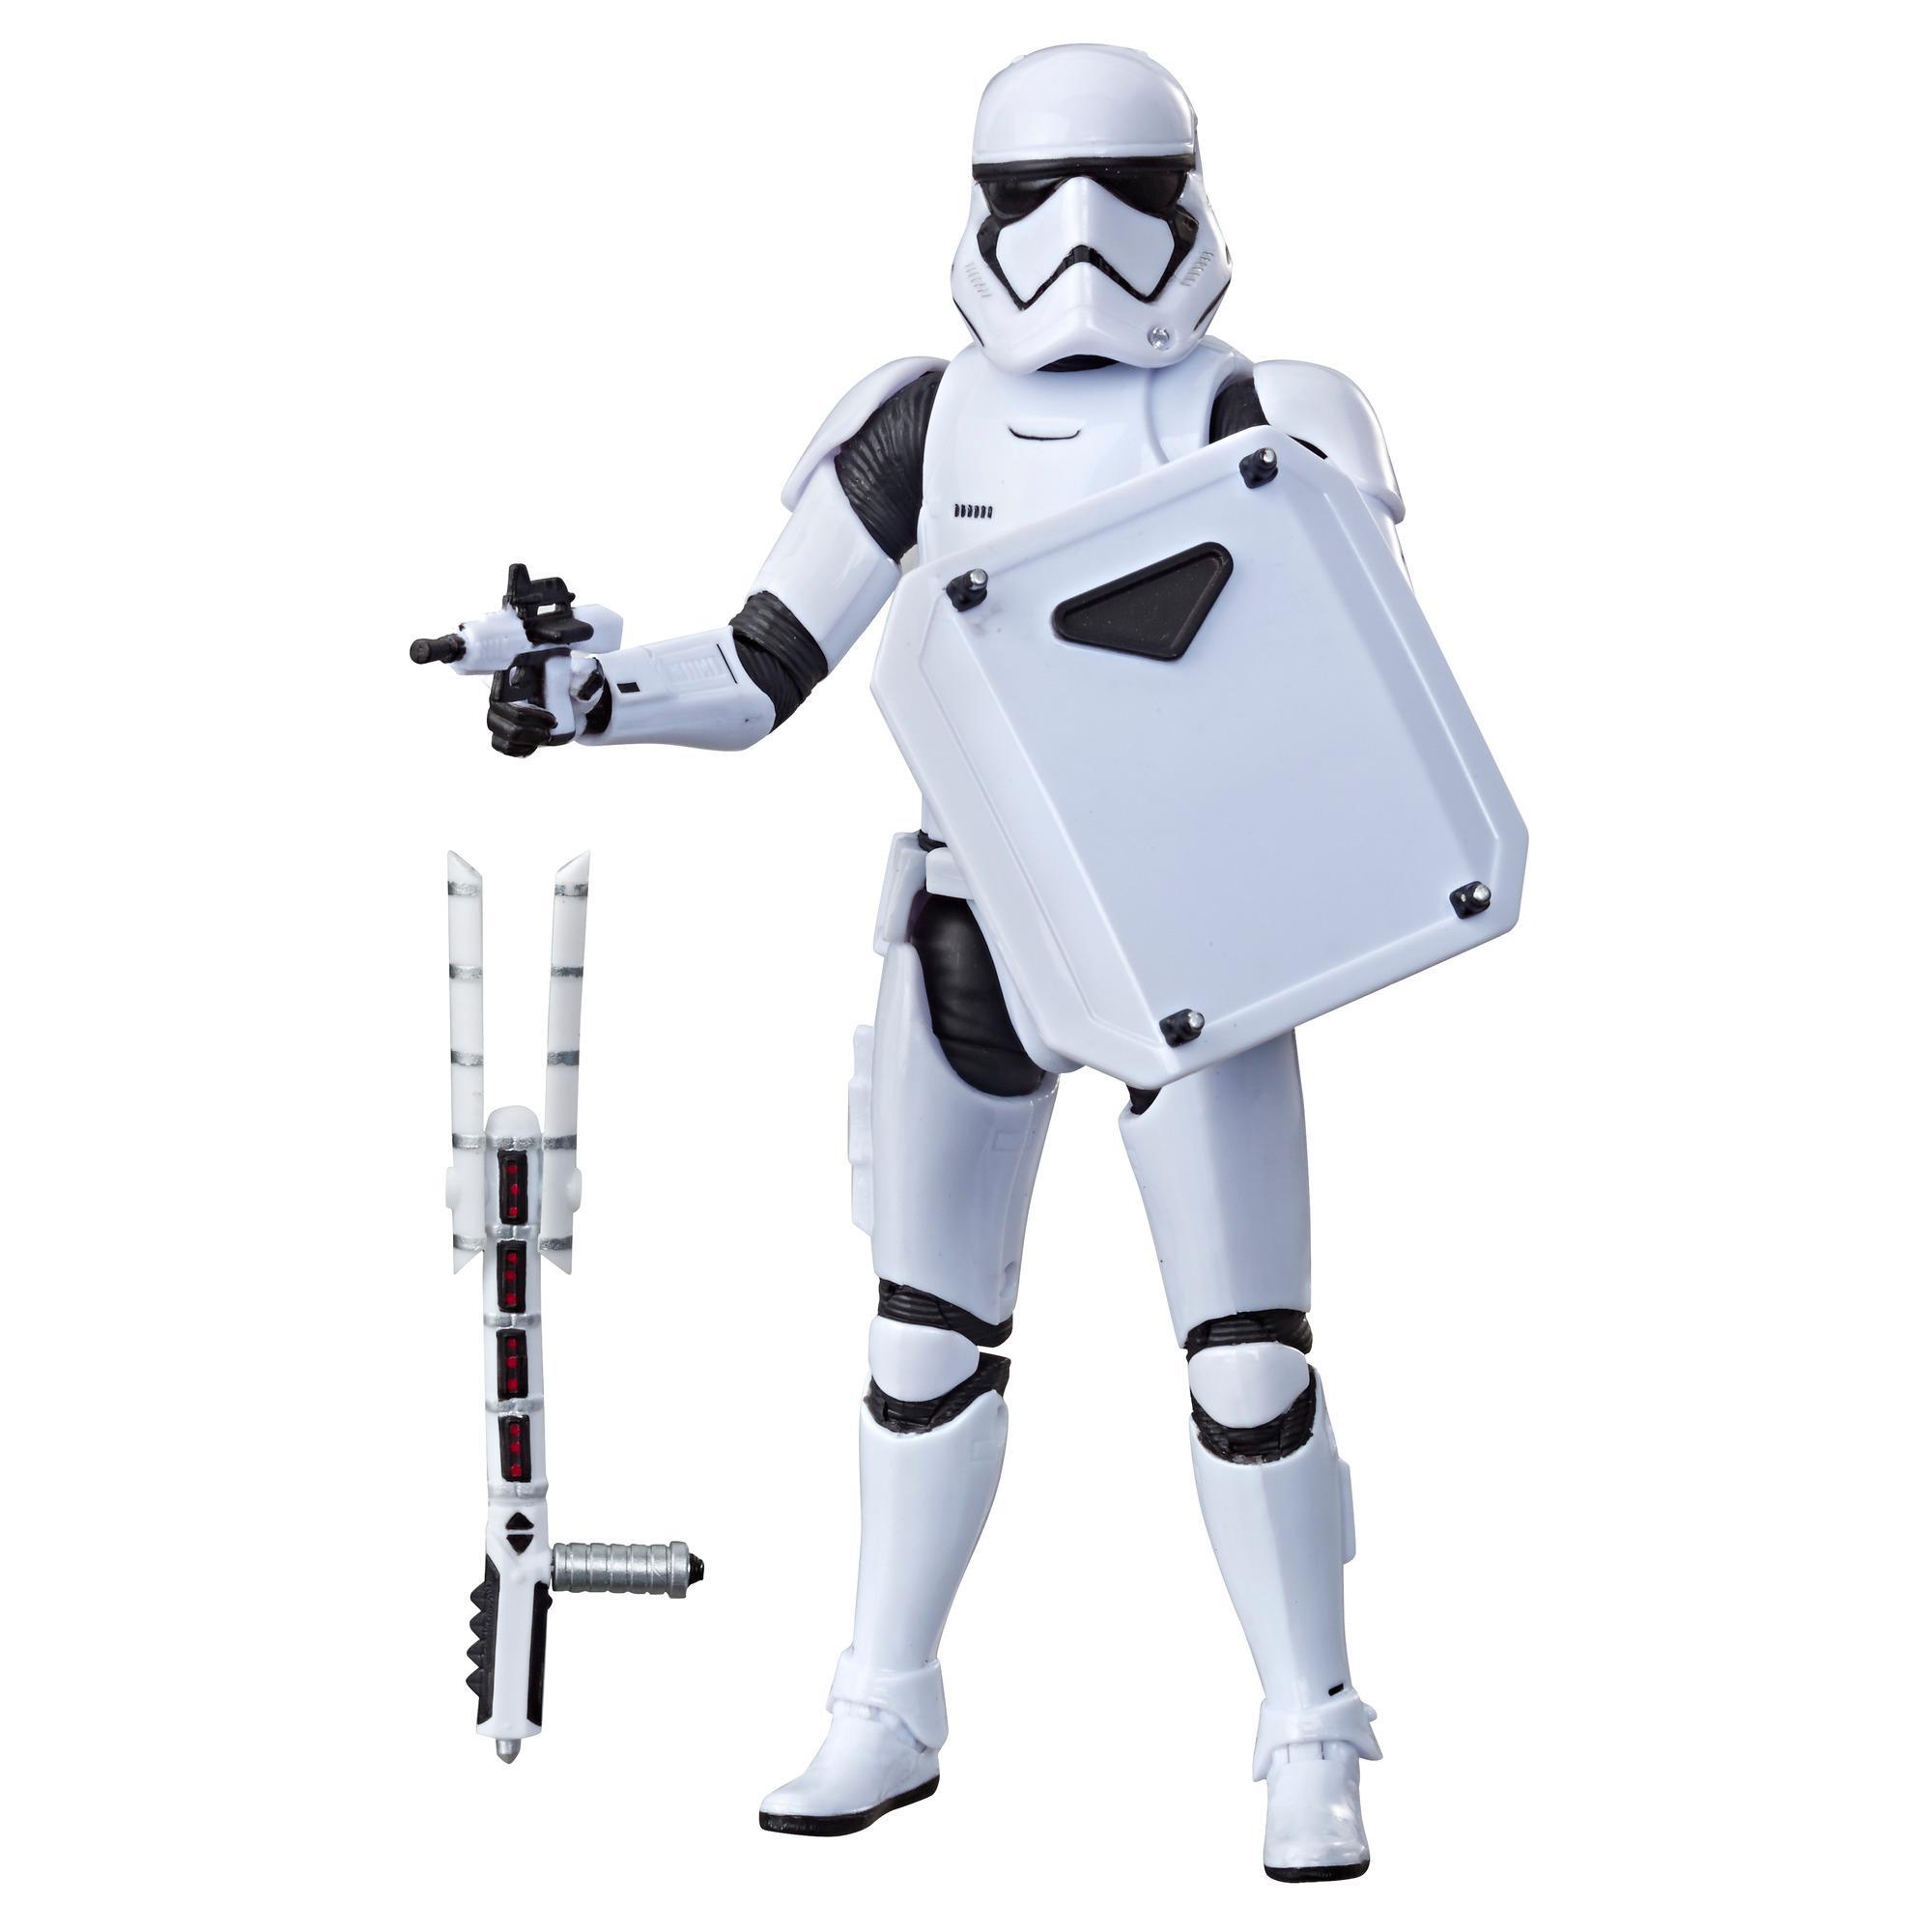 Star Wars The Black Series, figurine à collectionner de 15 cm, Stormtrooper du Premier Ordre, à partir de 4 ans